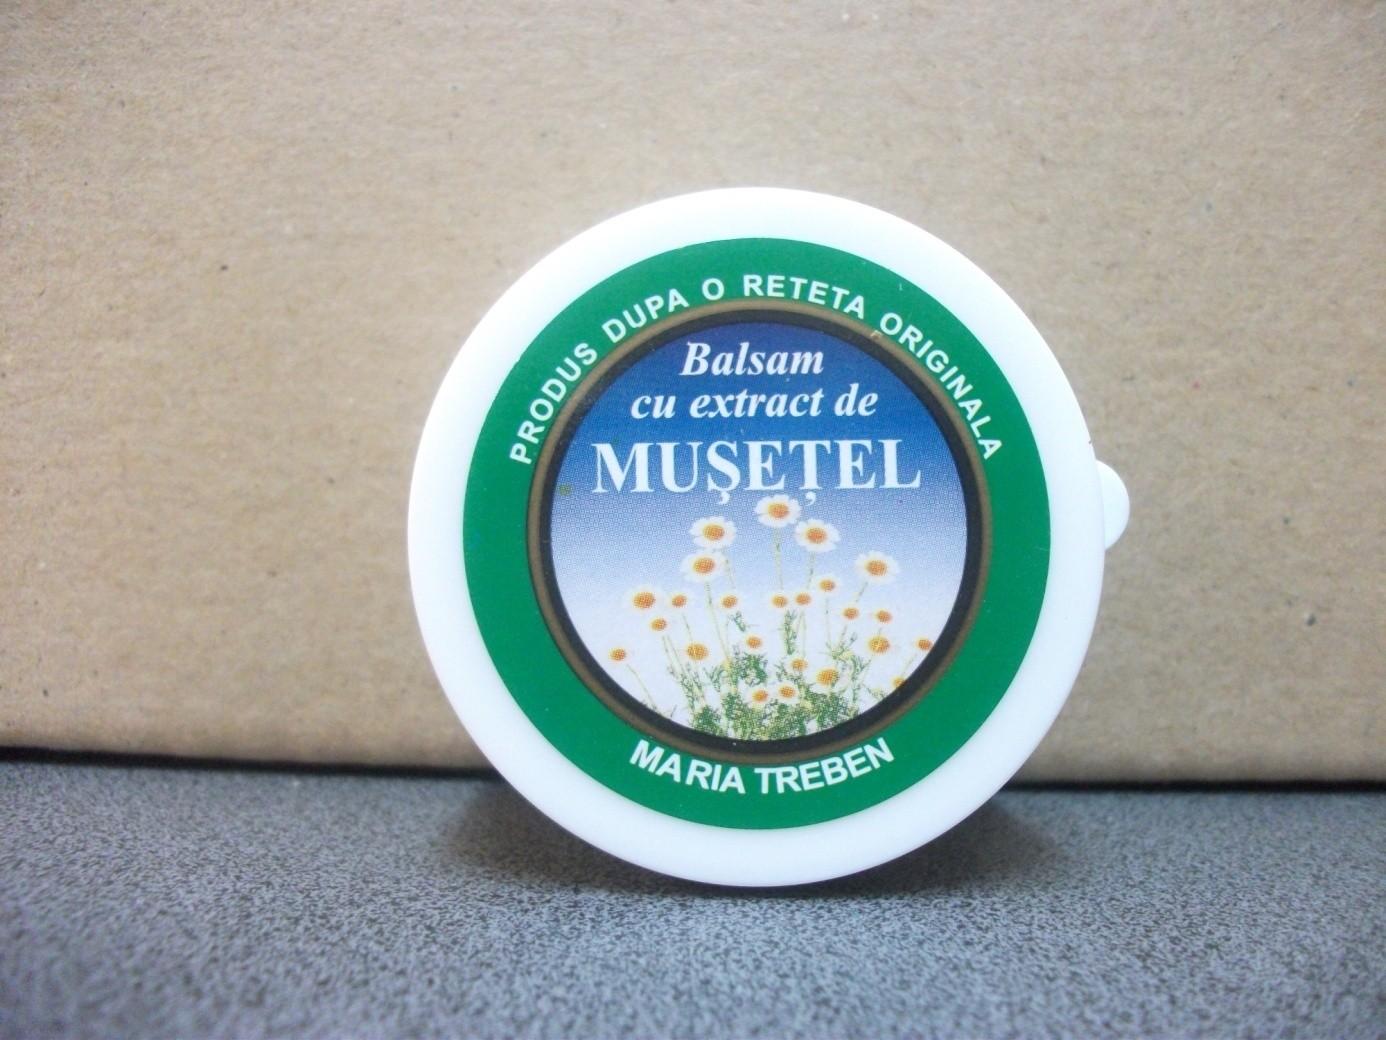 Balsam cu extract de mușețel - Maria Treben